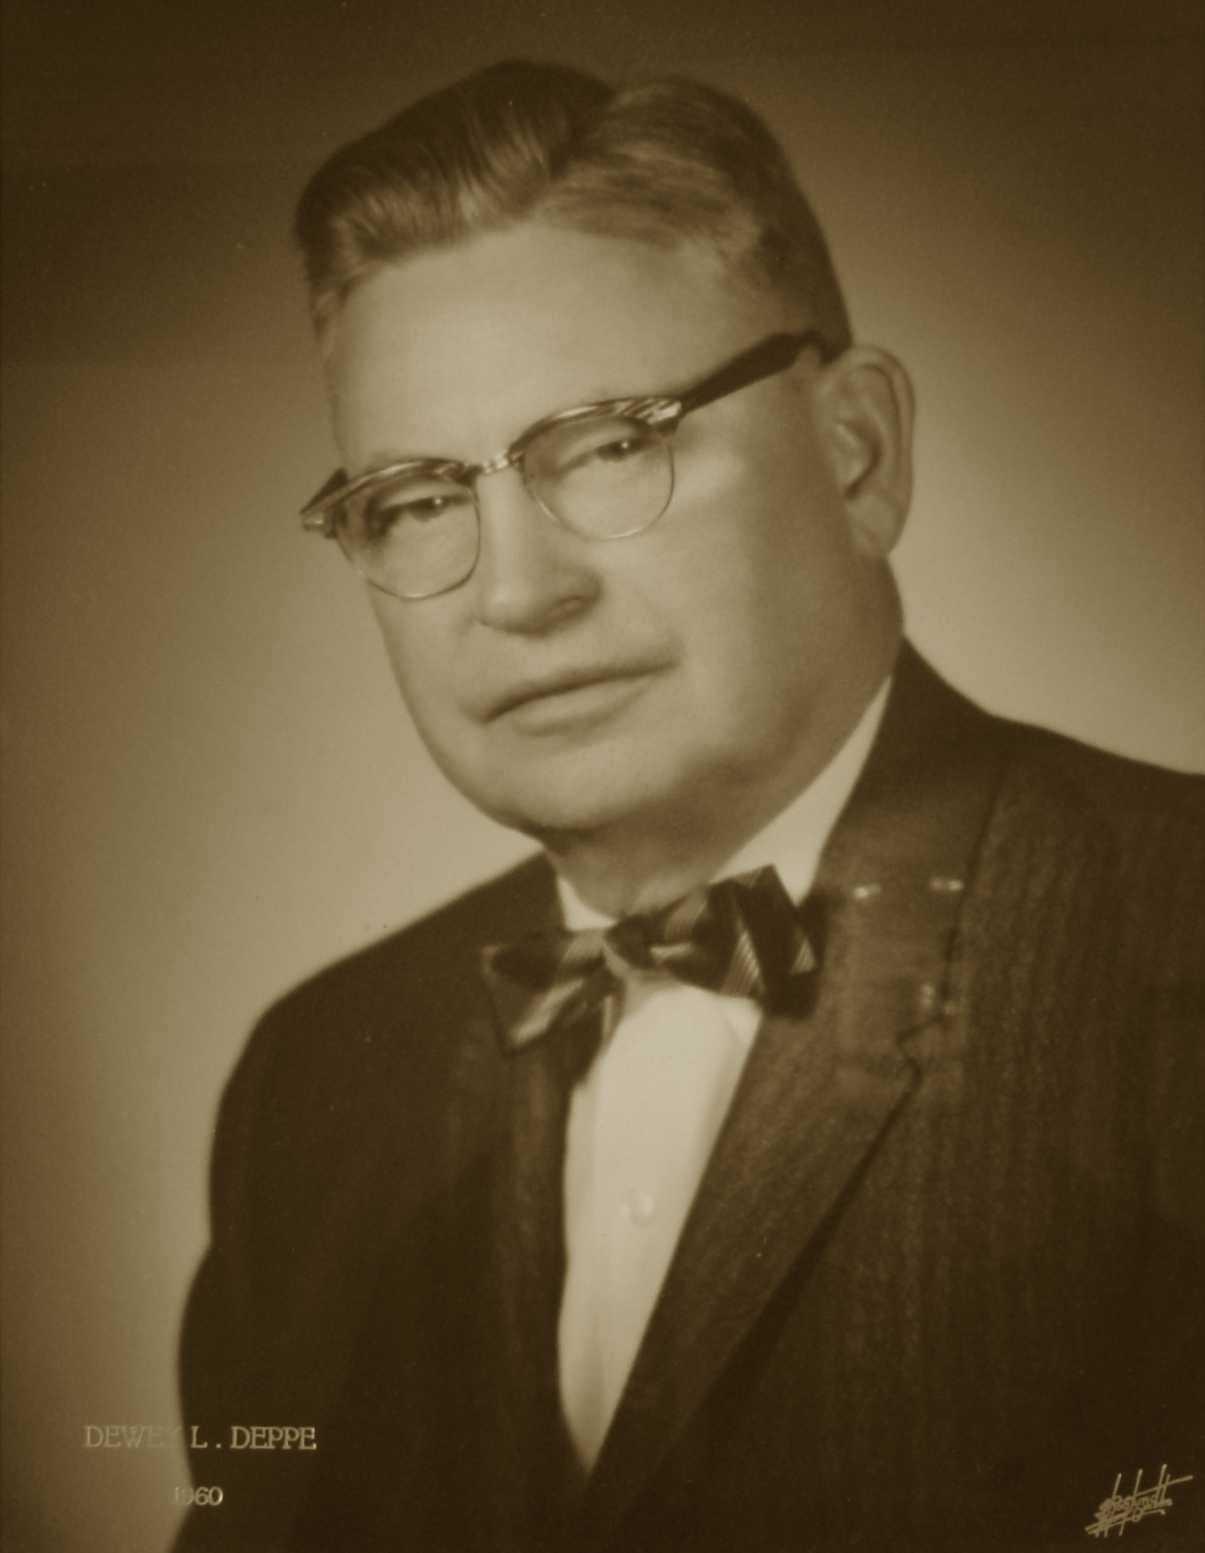 Dewey L. Deppe, 1960